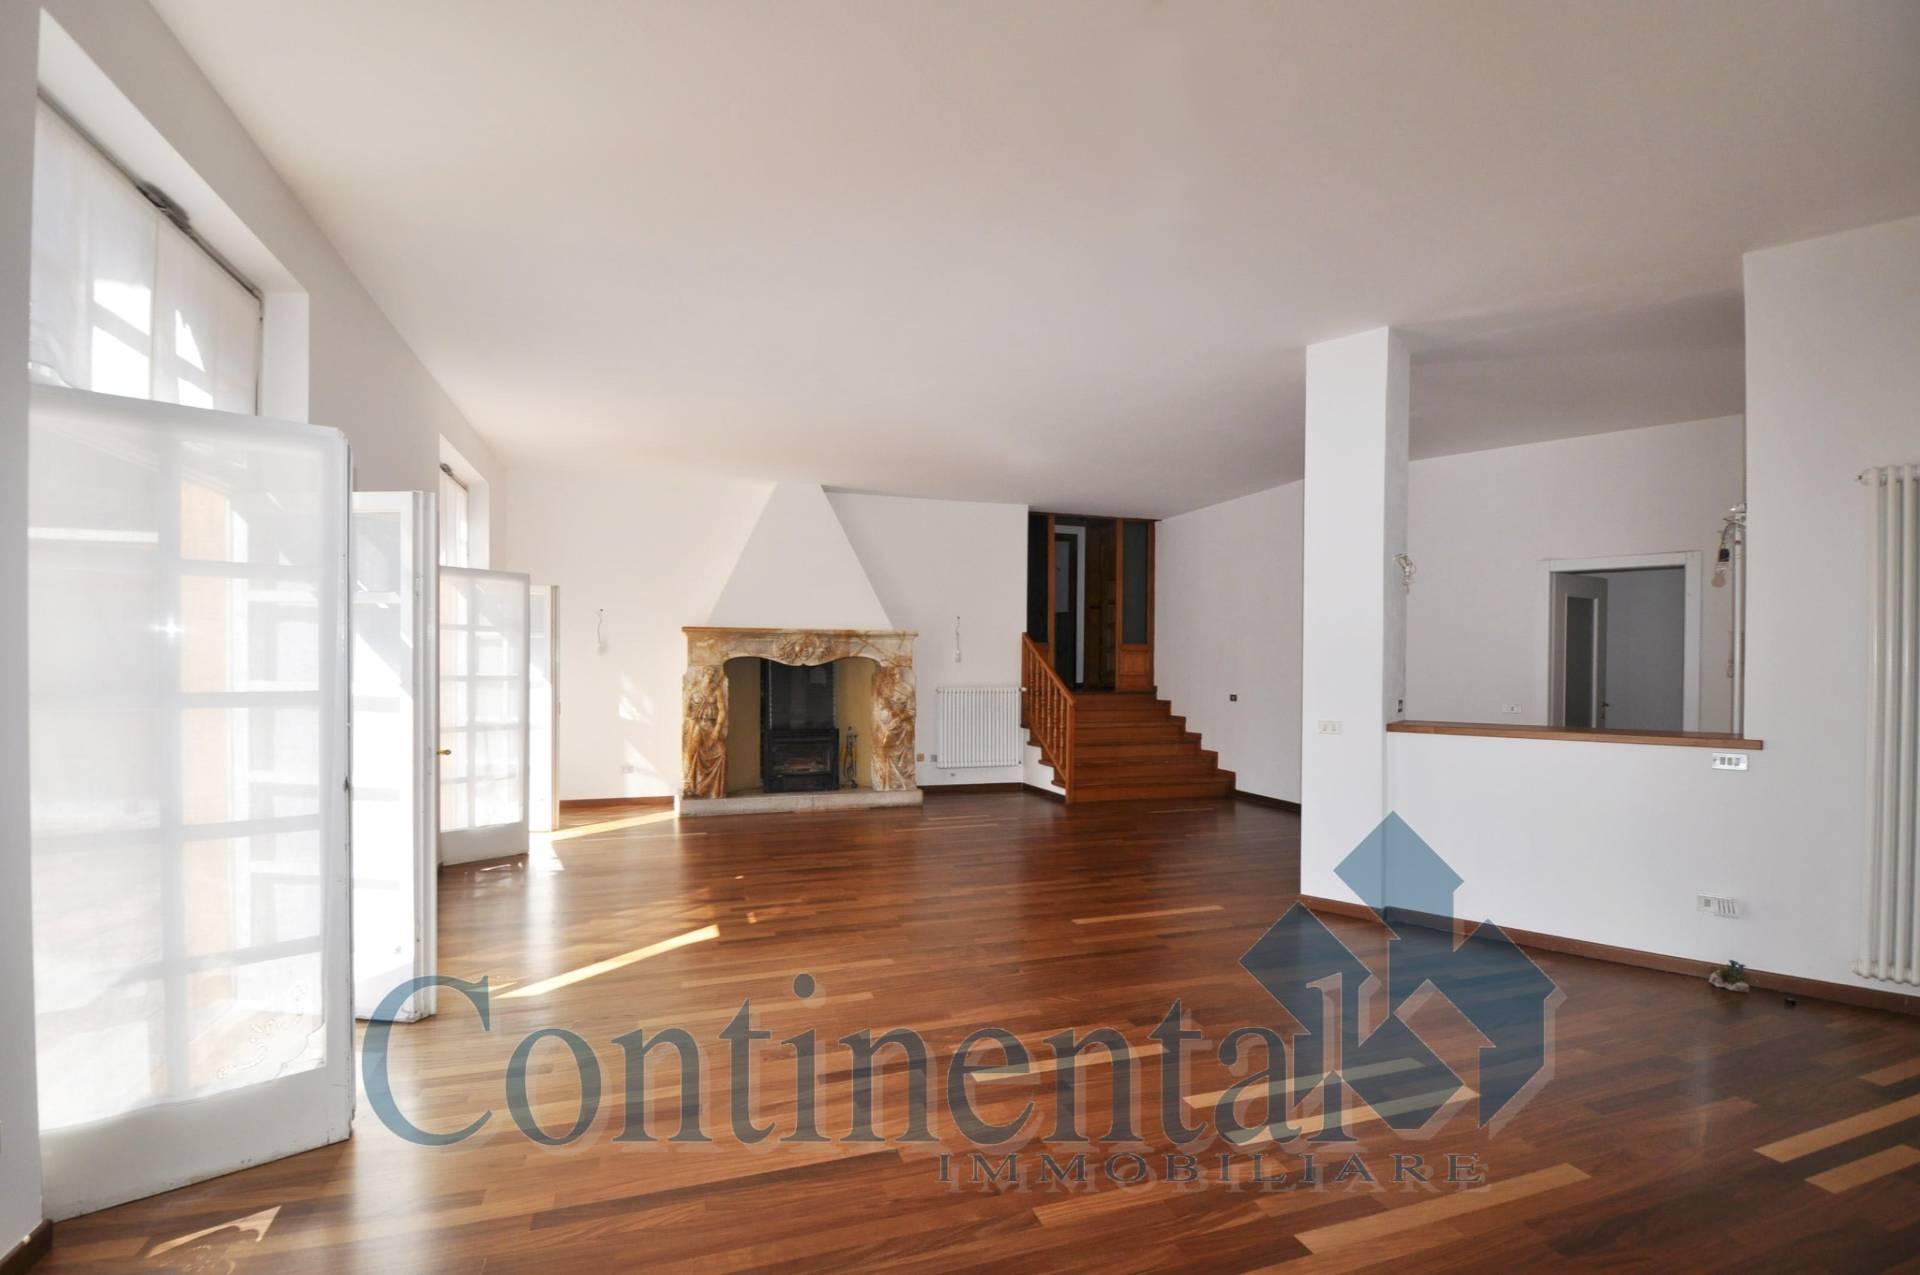 Appartamento in vendita a Branzi, 4 locali, prezzo € 158.000 | PortaleAgenzieImmobiliari.it